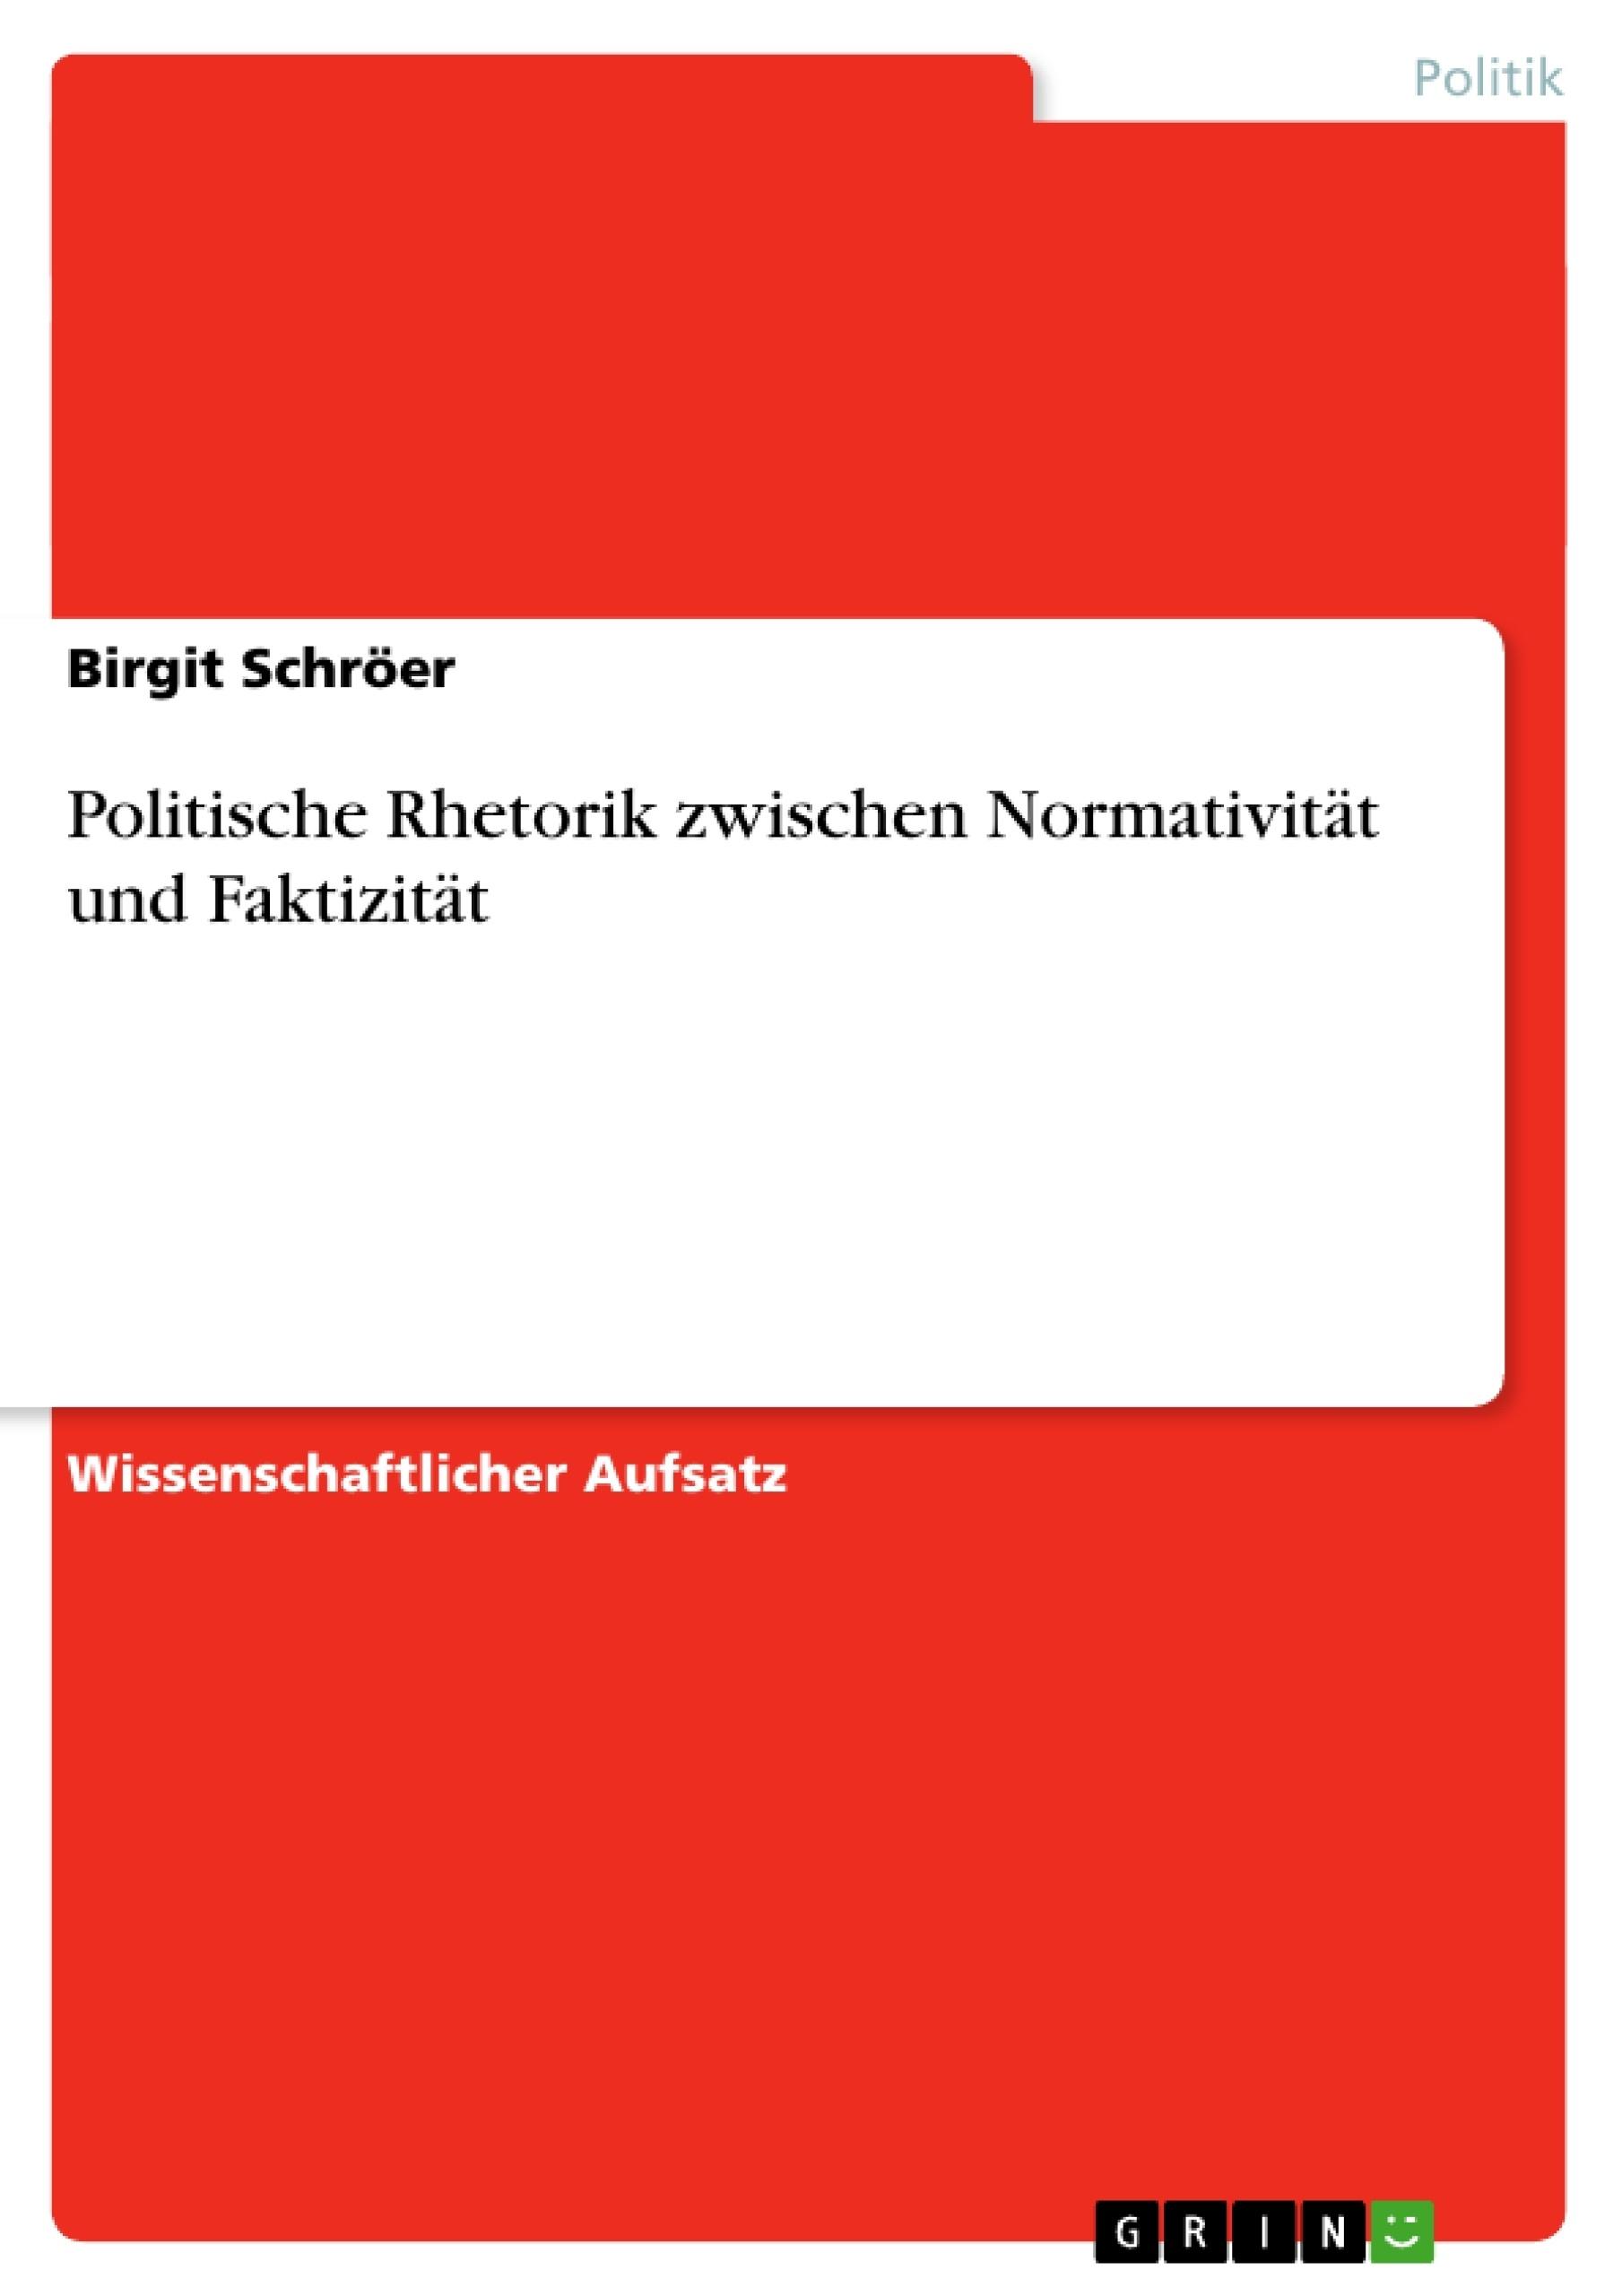 Titel: Politische Rhetorik zwischen Normativität und Faktizität